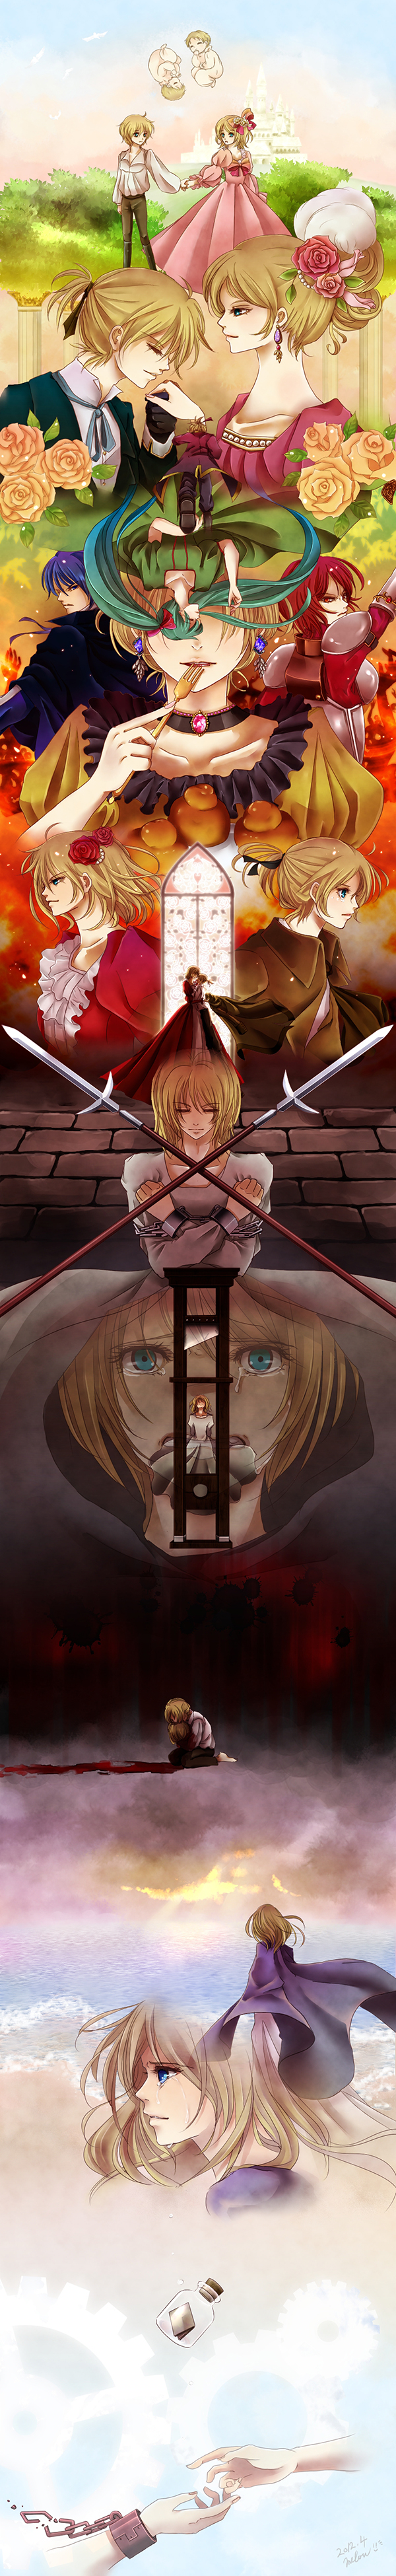 Tags: Anime, Melou, Vocaloid, MEIKO (Vocaloid), Kagamine Rin, KAITO, Hatsune Miku